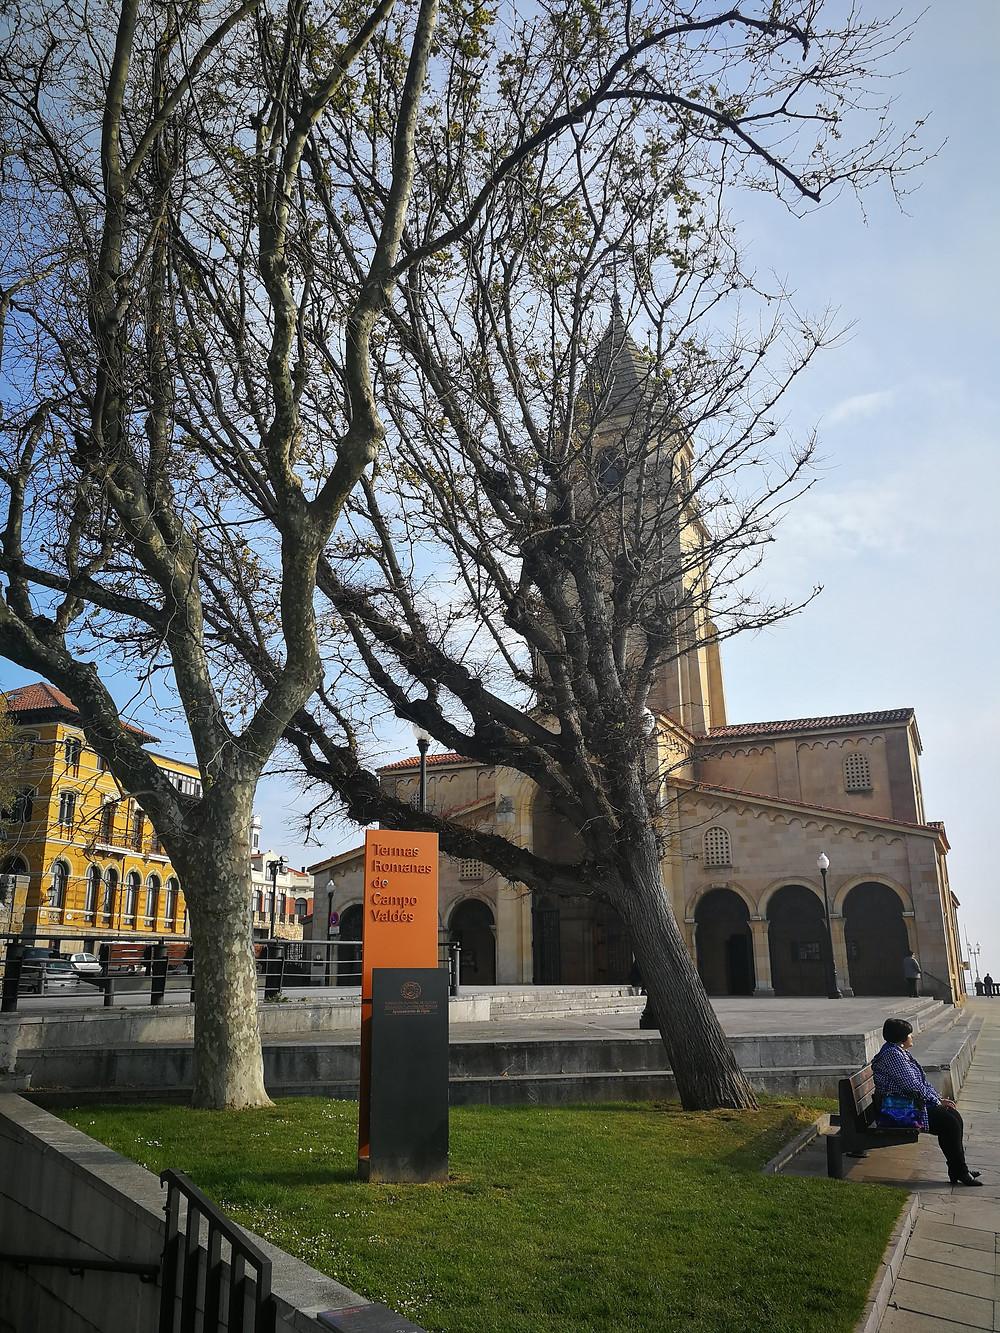 Iglesia de San Pedro, Gijón, Asturias, arqueología, investigación